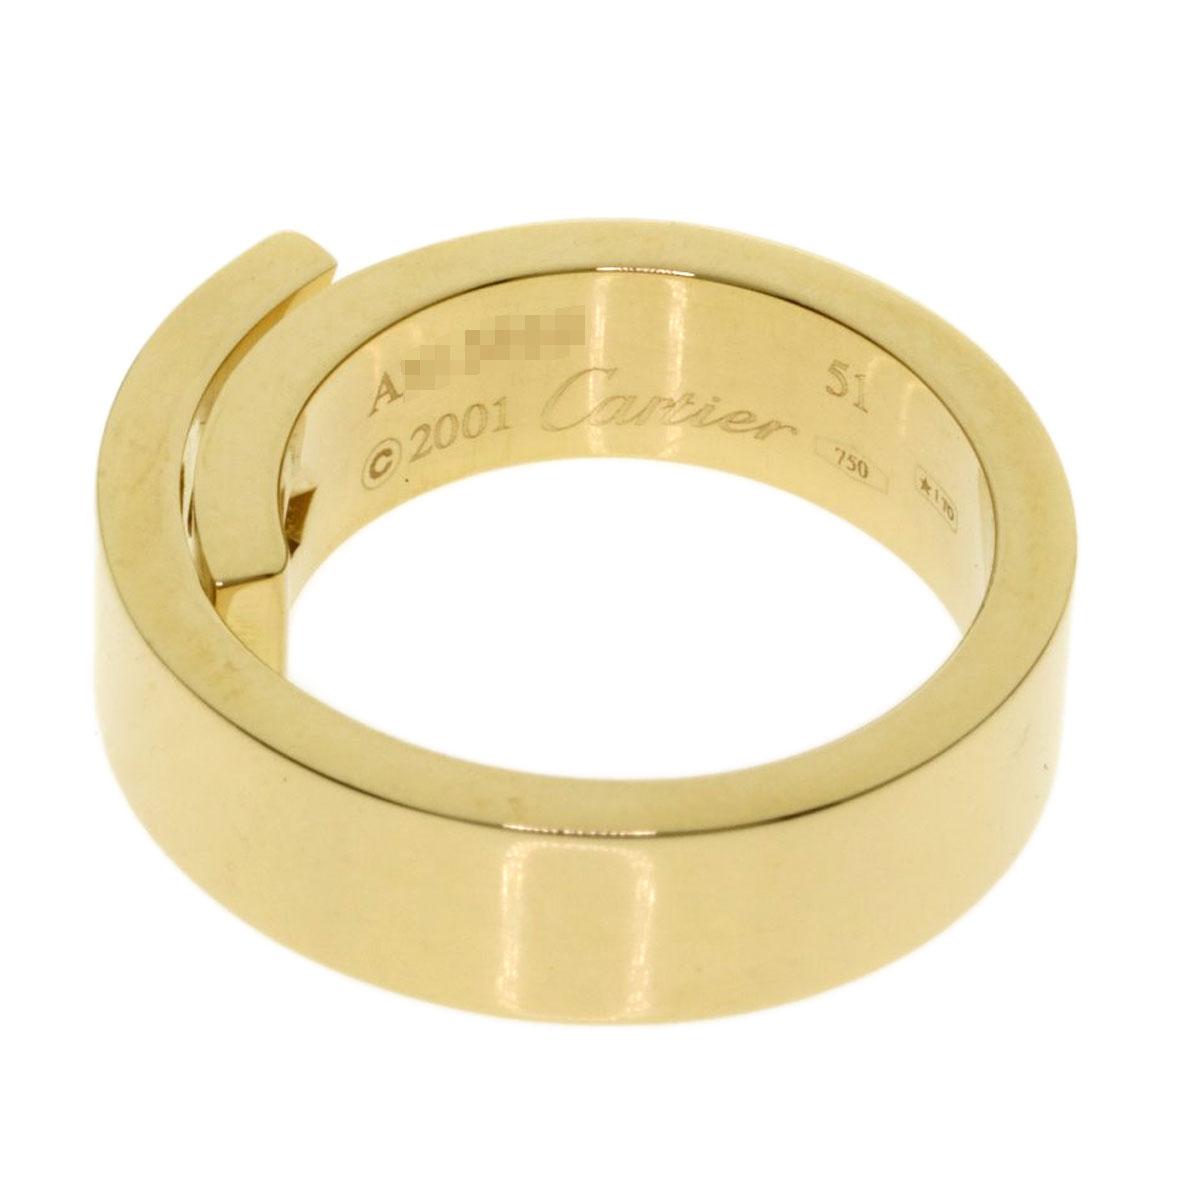 カルティエ アニバーサリーリング51 リング・指輪 K18イエローゴールド レディースCARTIERbfY76yg